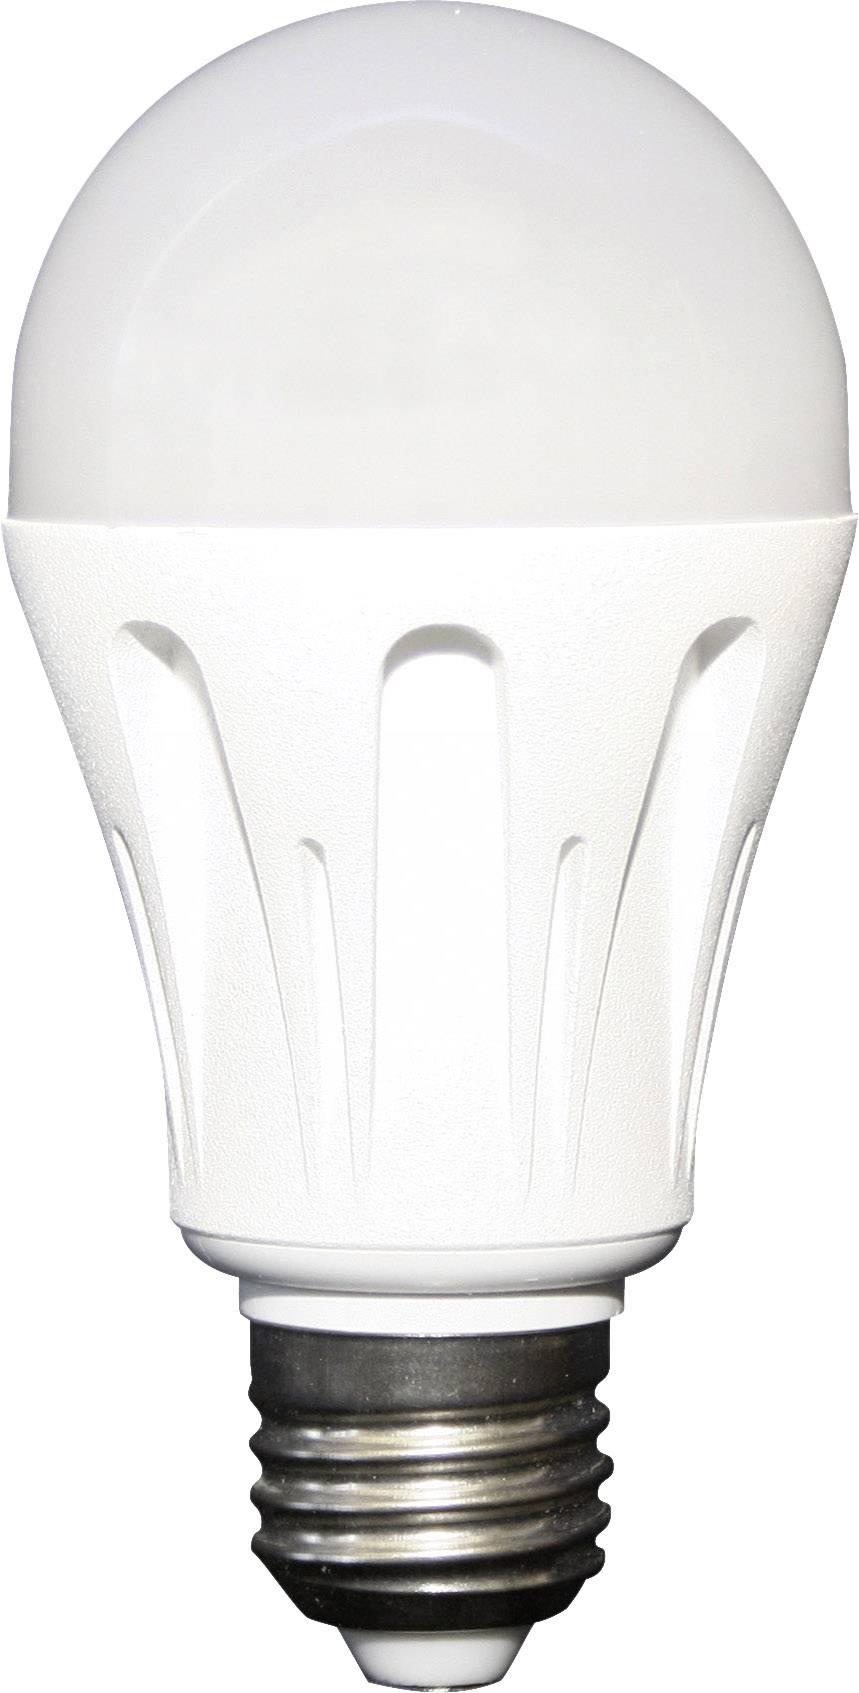 Lampada LED Steca LED 6 750956